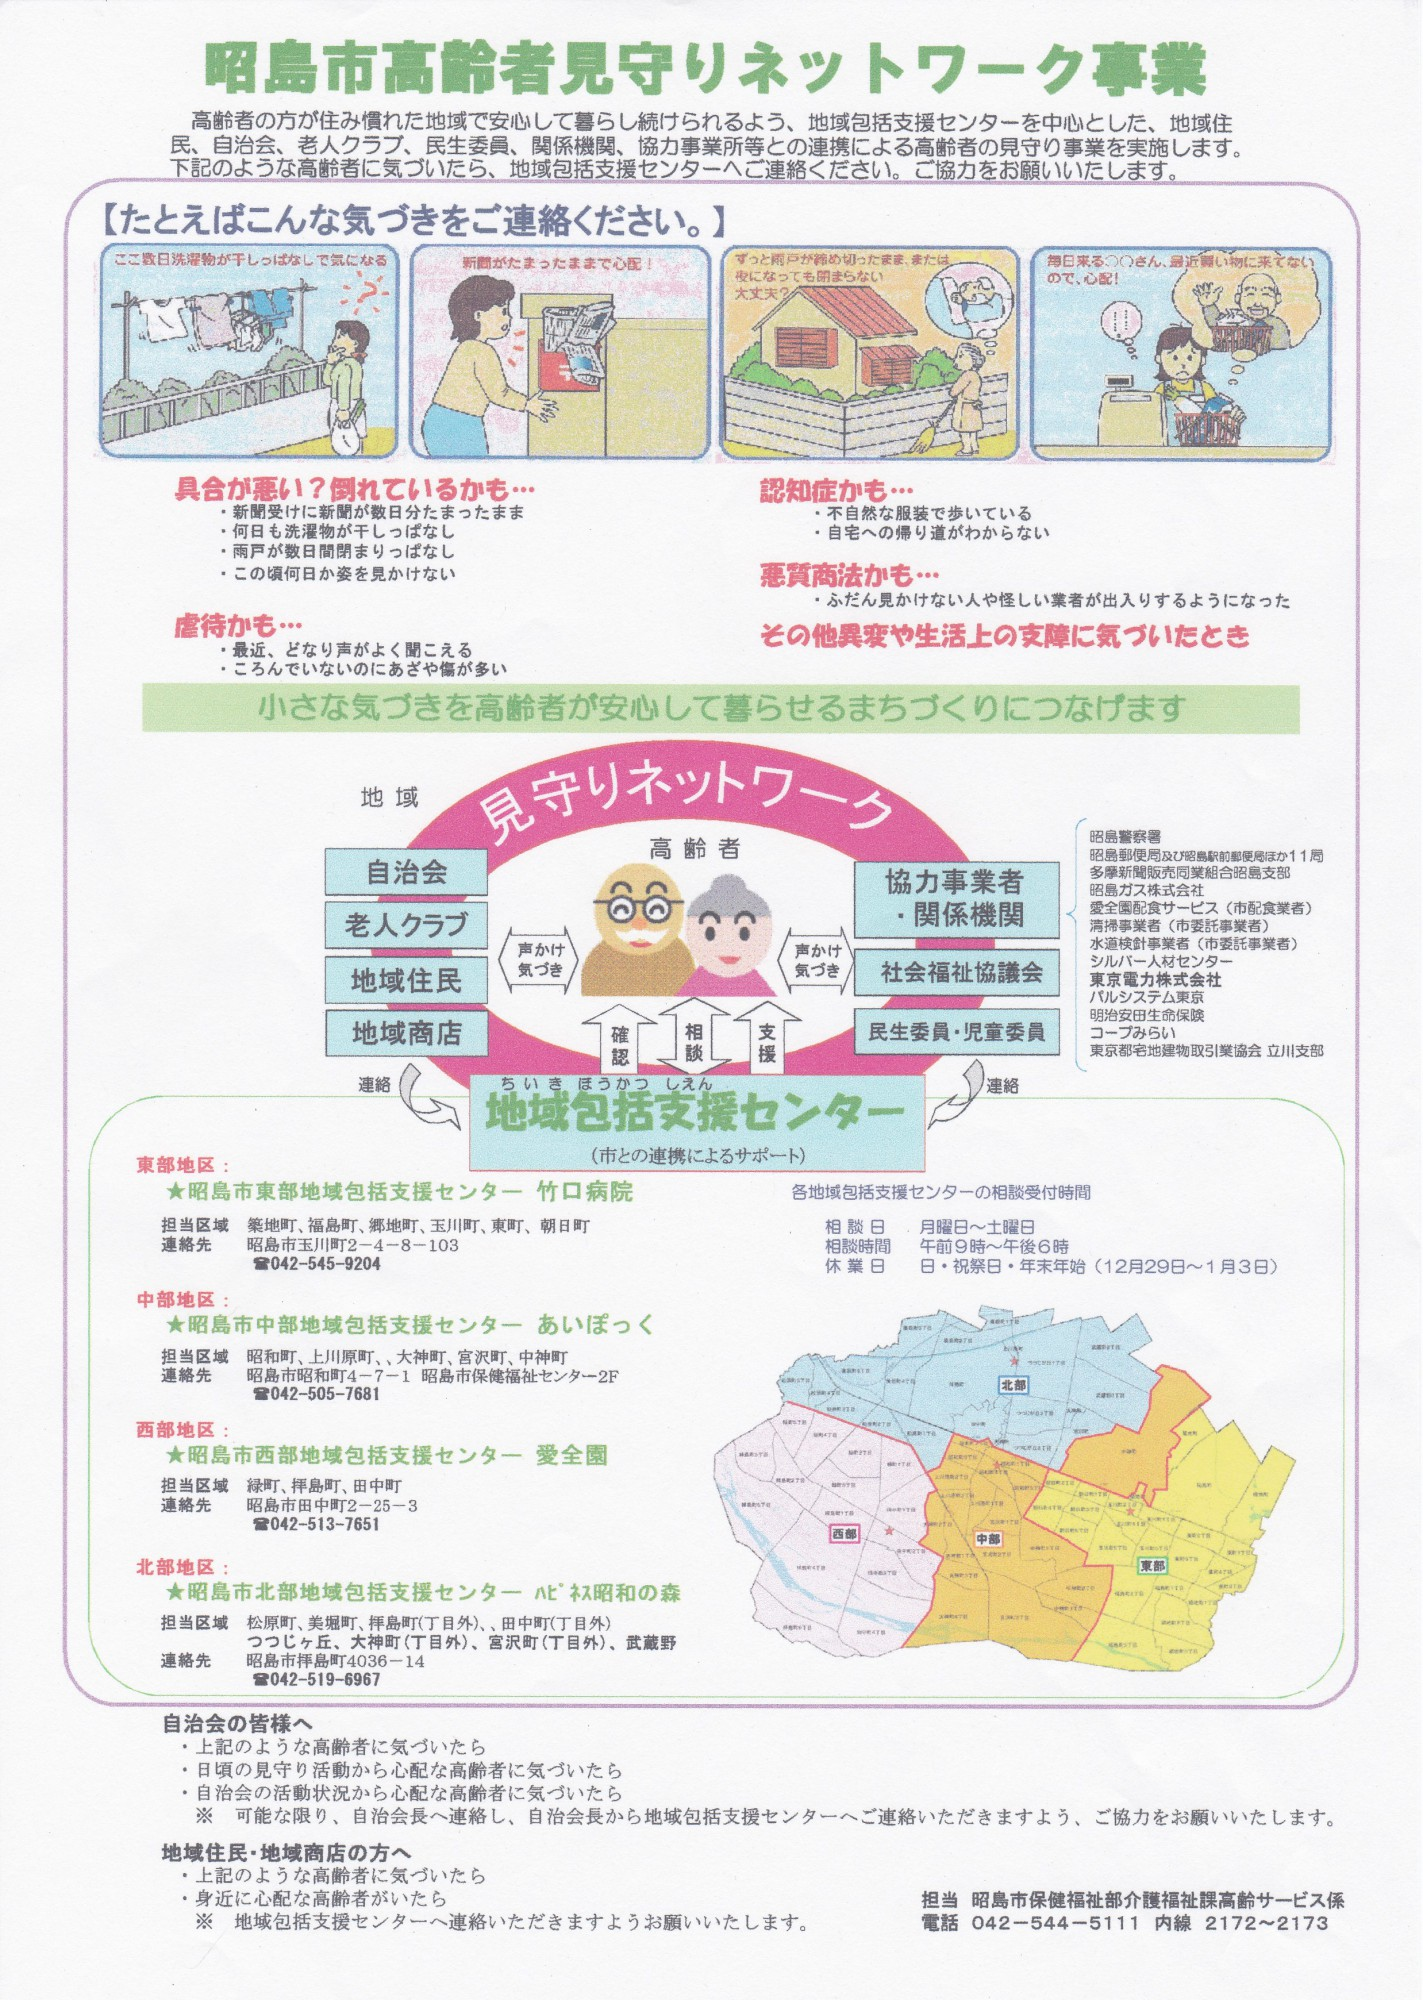 昭島市高齢者見守りネットワーク事業